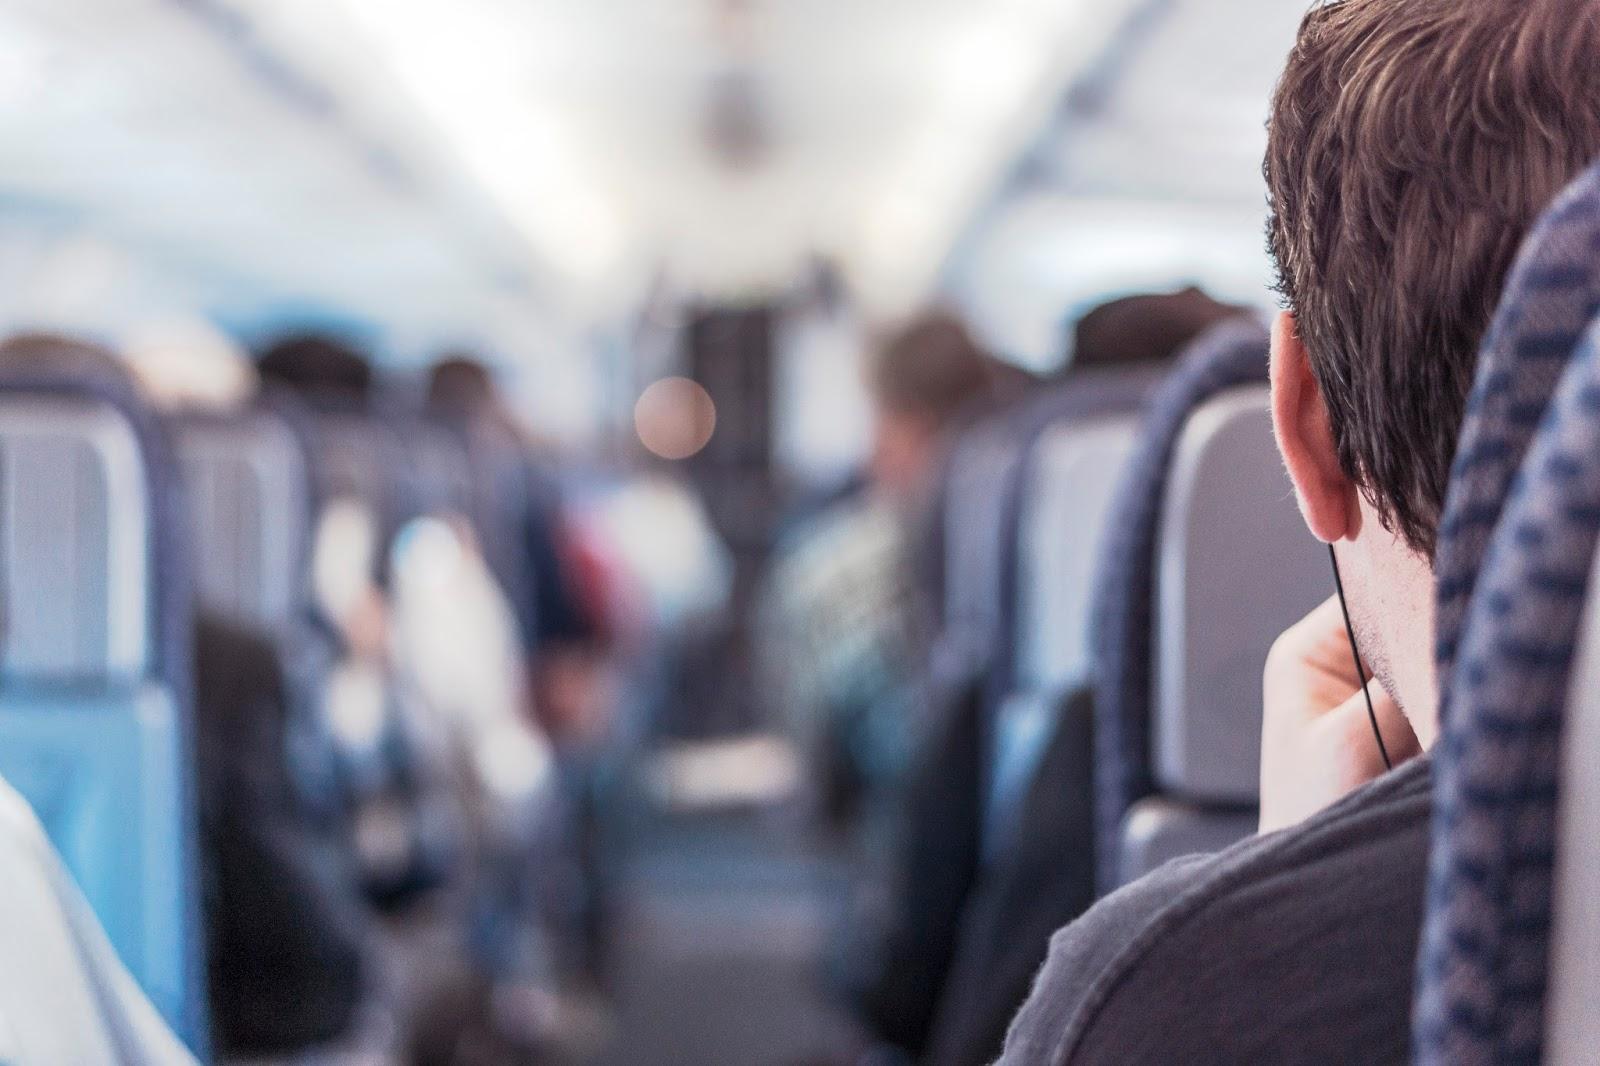 passageiros-no-interior-de-um-aviao